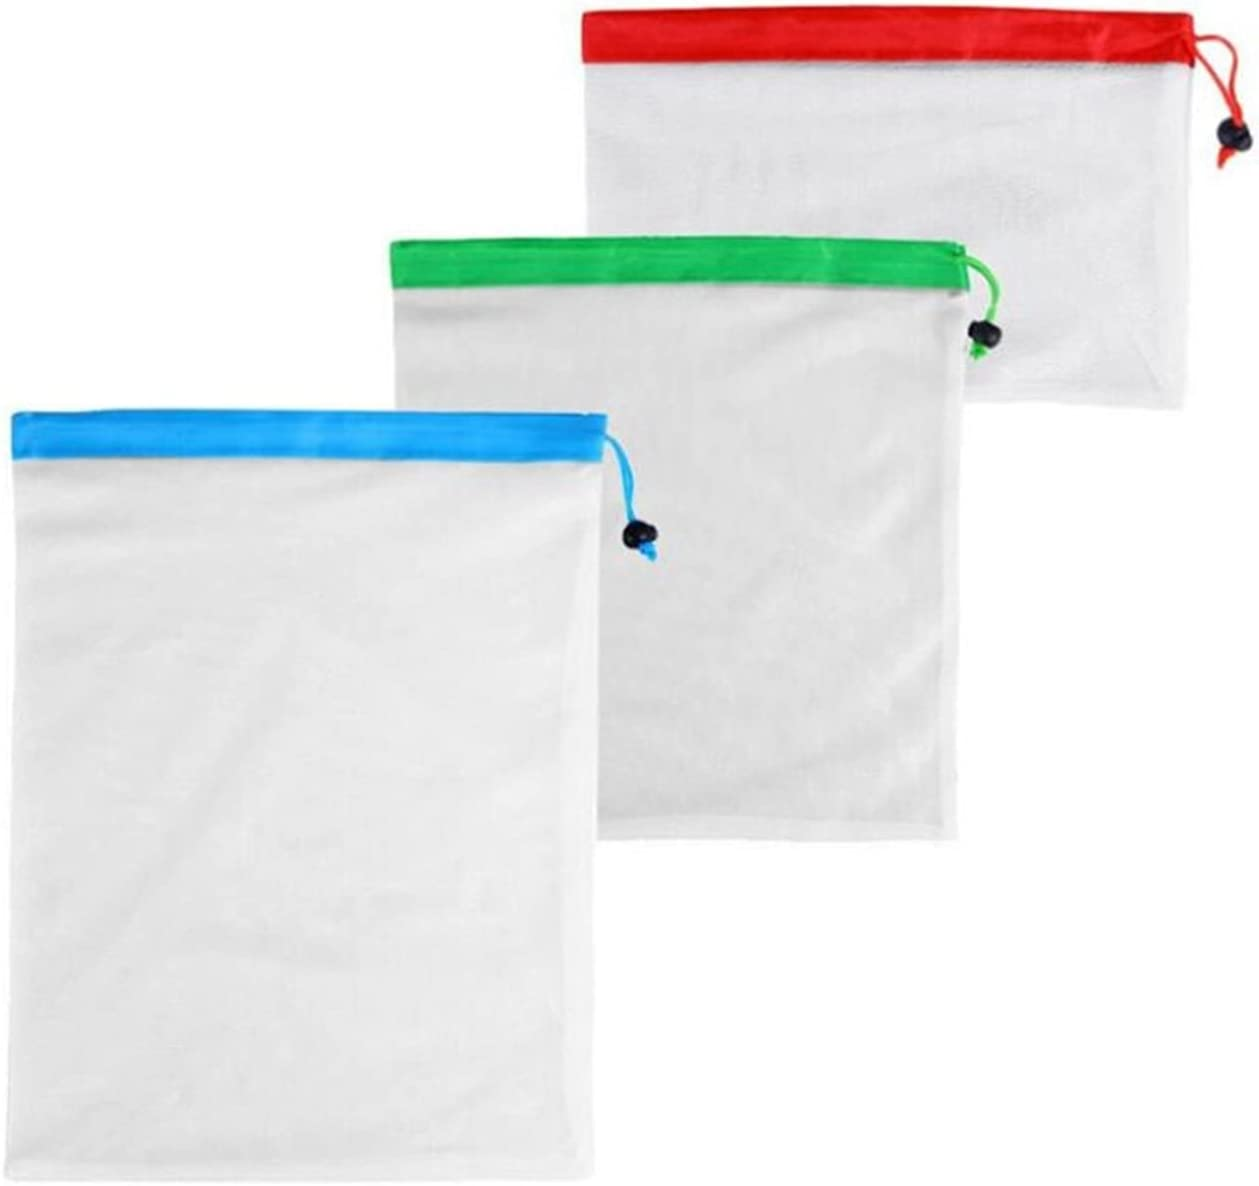 YXXJJ Laundry Bag 3 Sizes Eco Mesh NEW Produce Washable Bargain Reusable